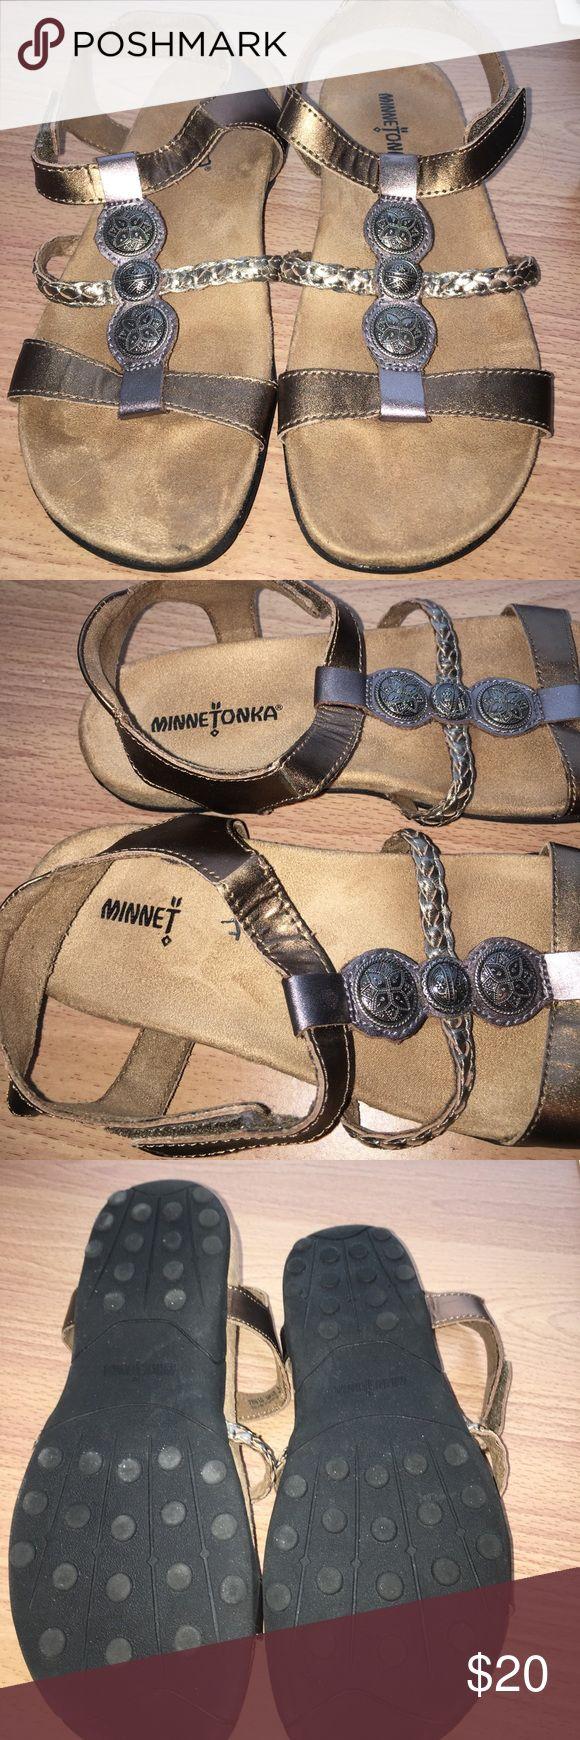 Excellent condition Minnetonka sandals size 6 Excellent condition Minnetonka sandals size 6 Minnetonka Shoes Sandals